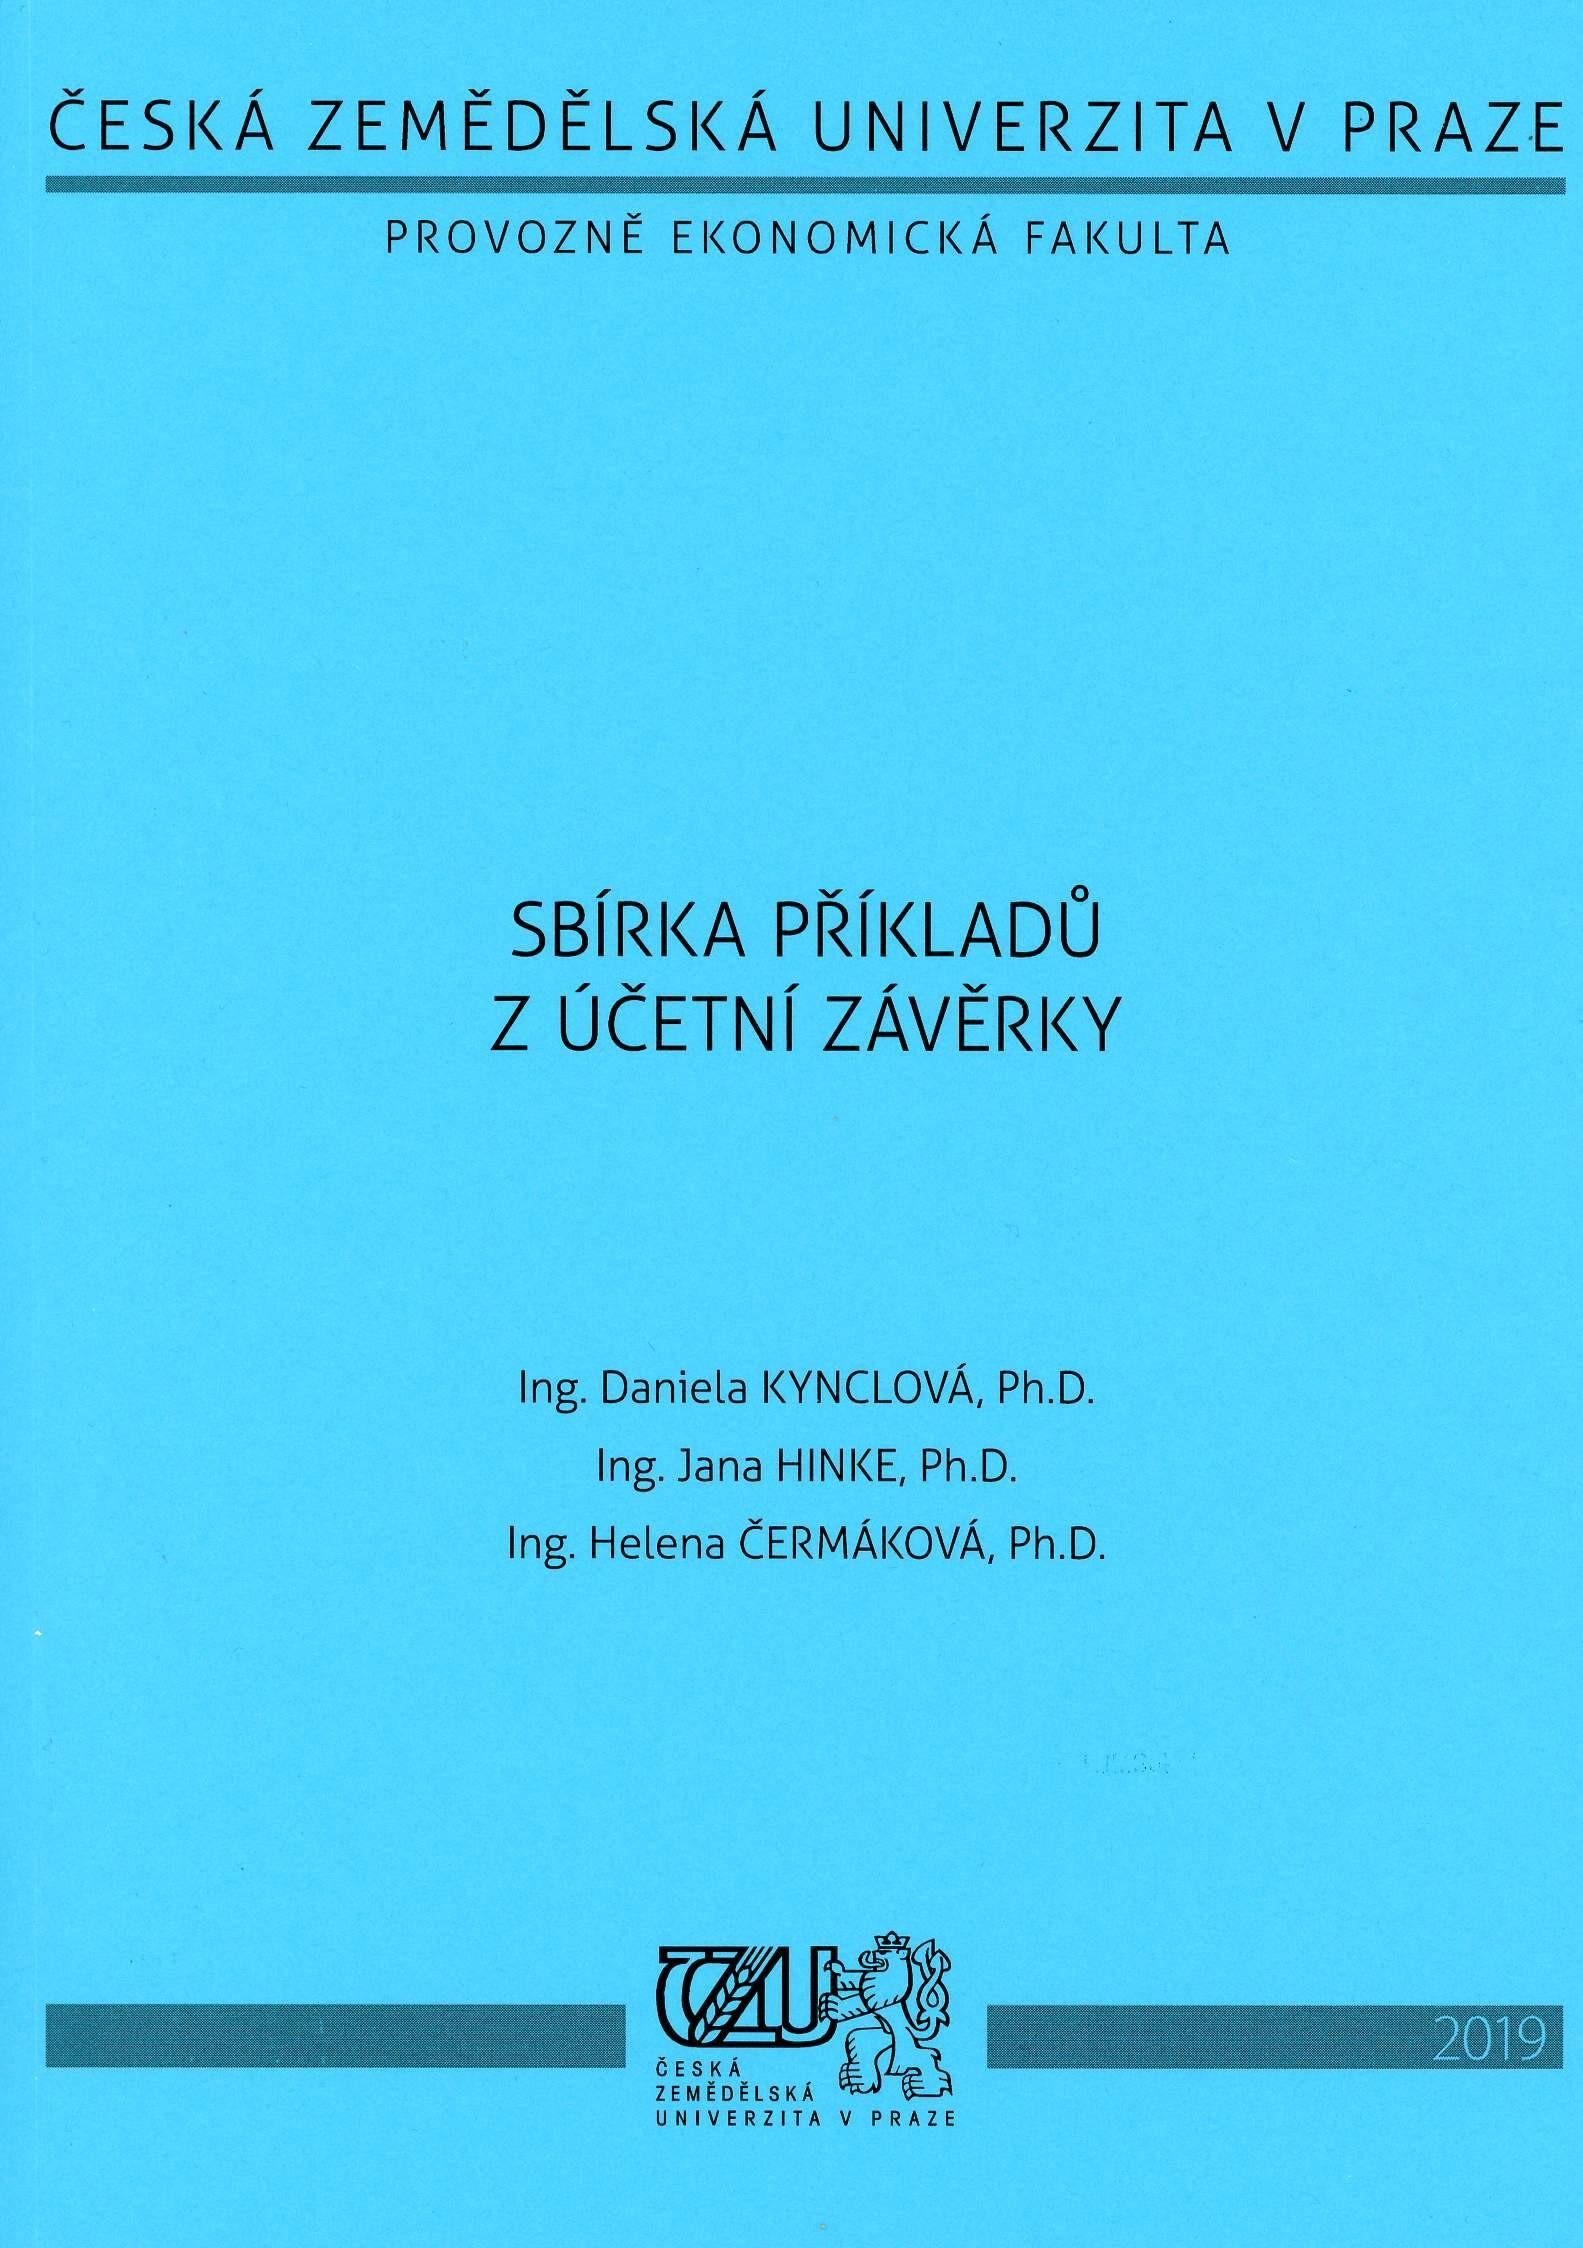 Sbírka příkladů z účetní závěrky